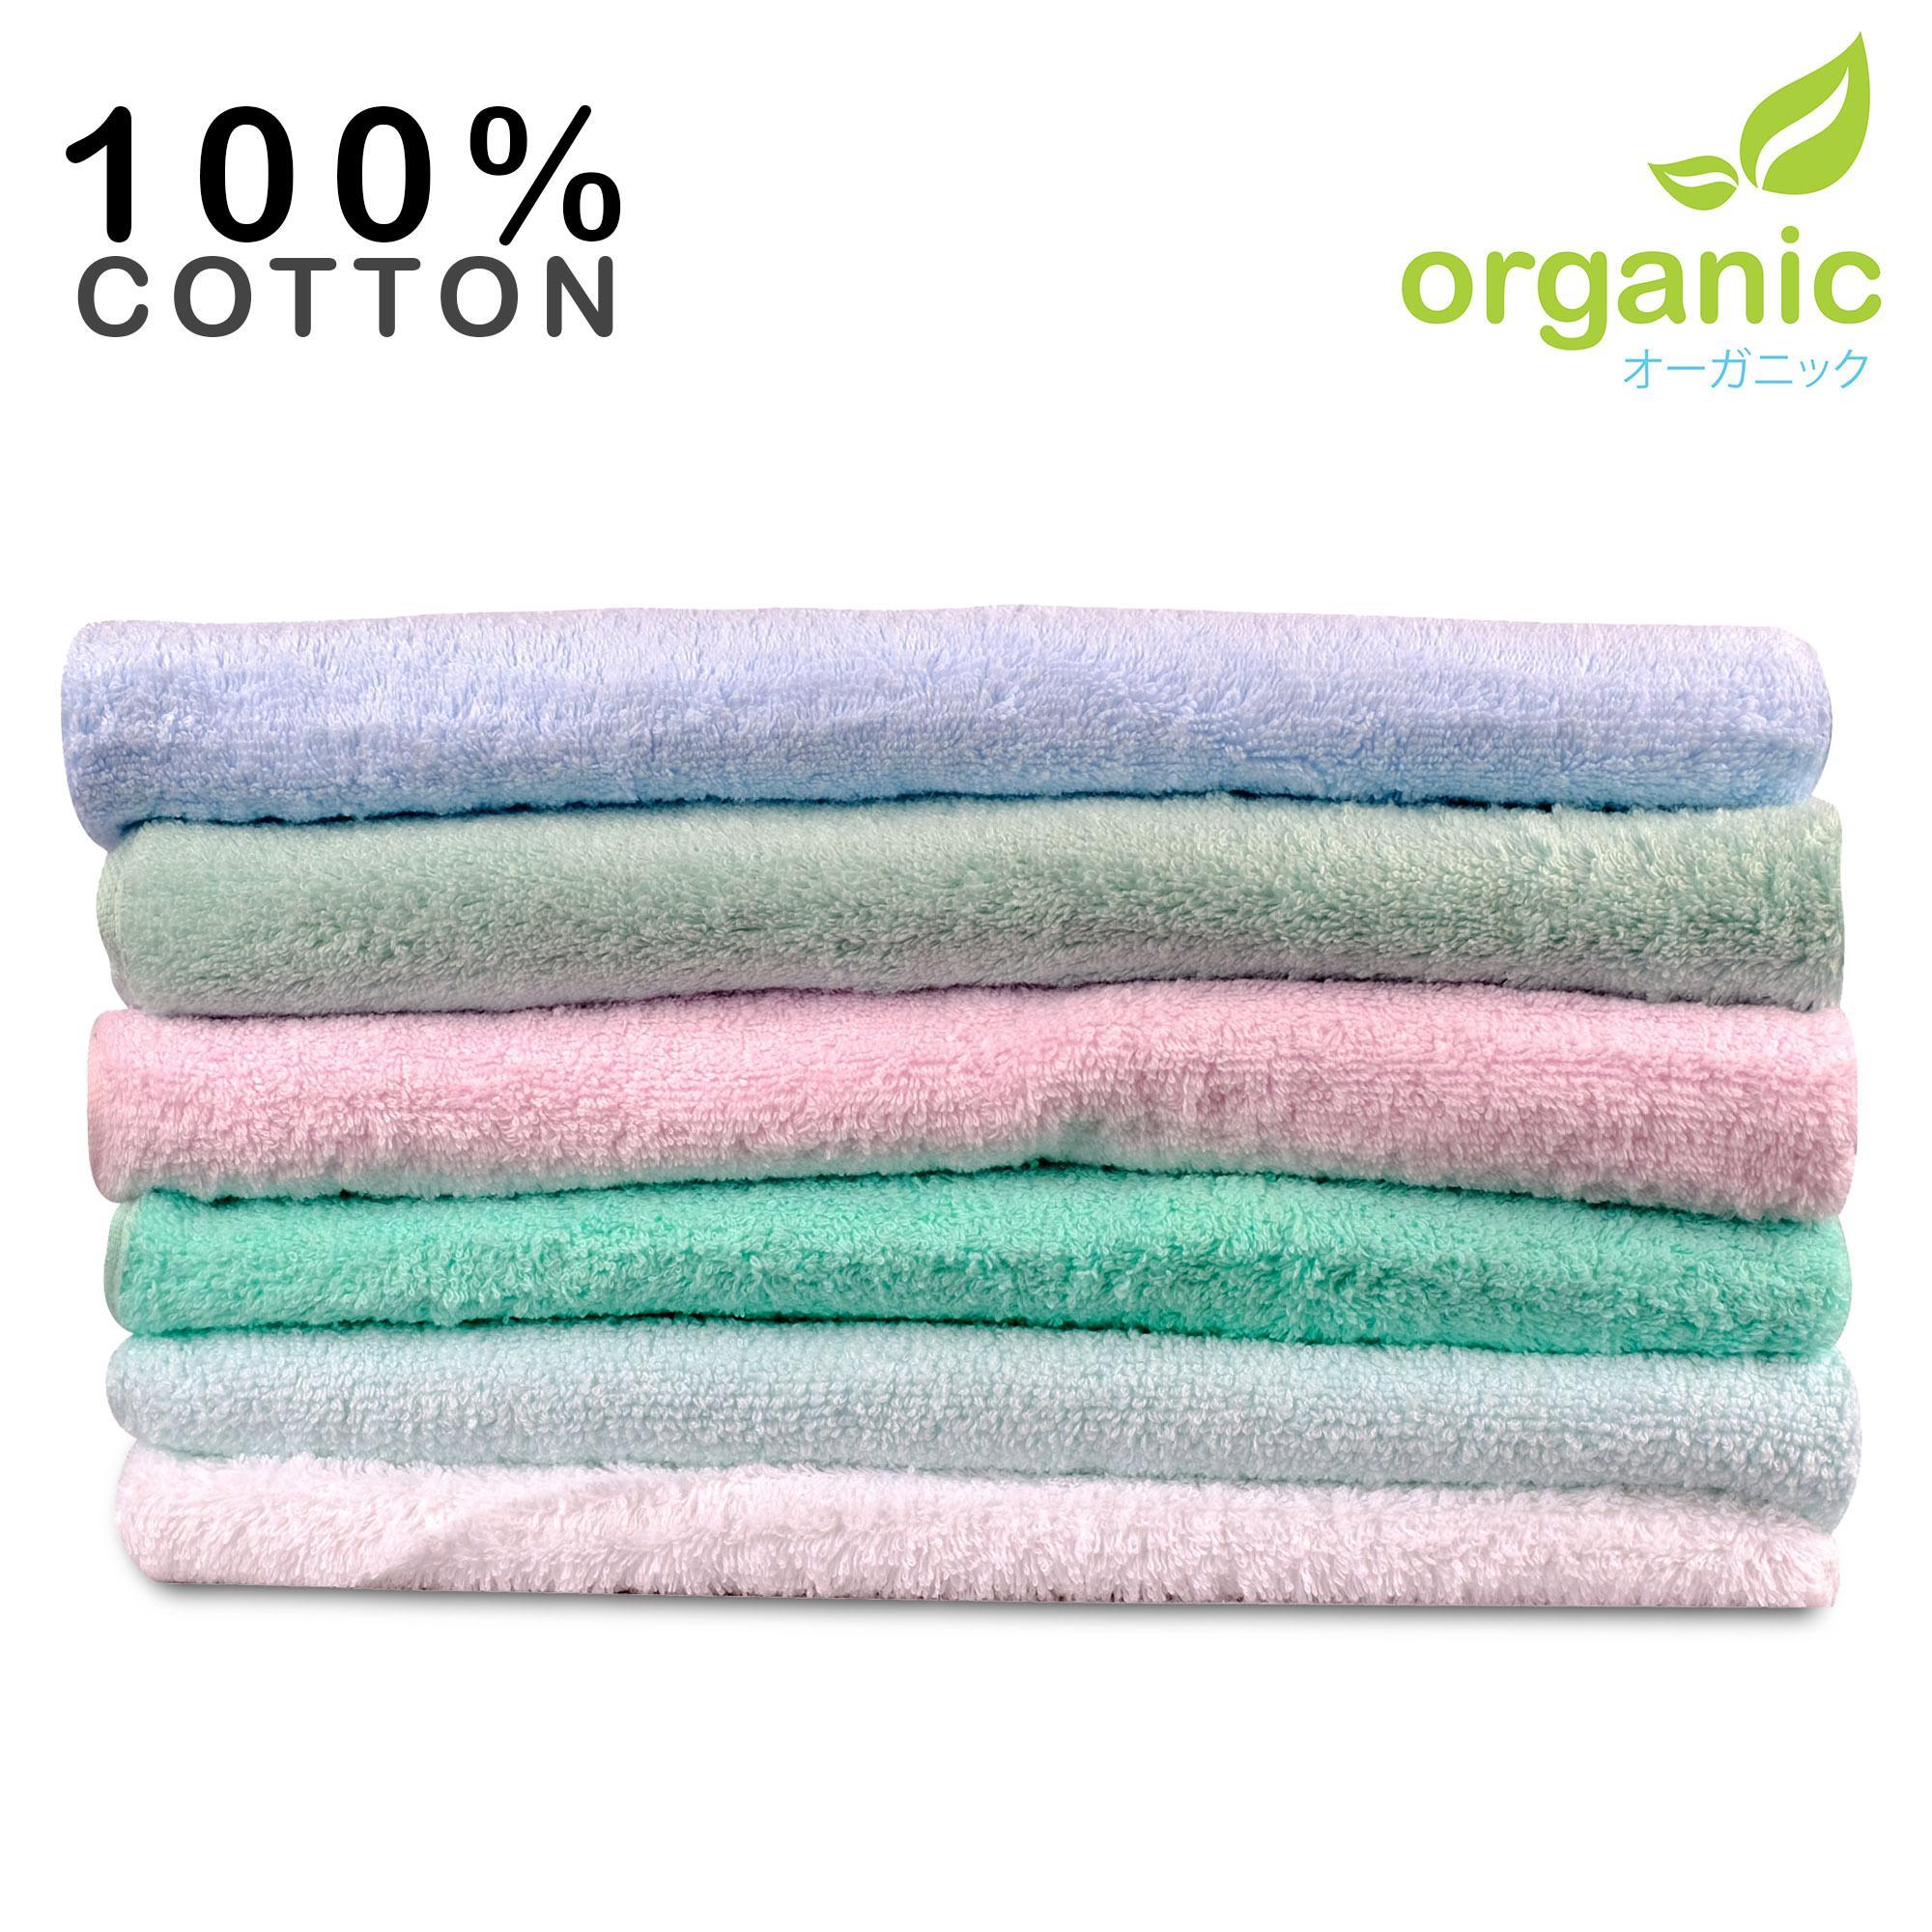 Organic Towel 100% Cotton Bath Towel (1PC RANDOM COLOR) towel towels bath  towels 3d584098b